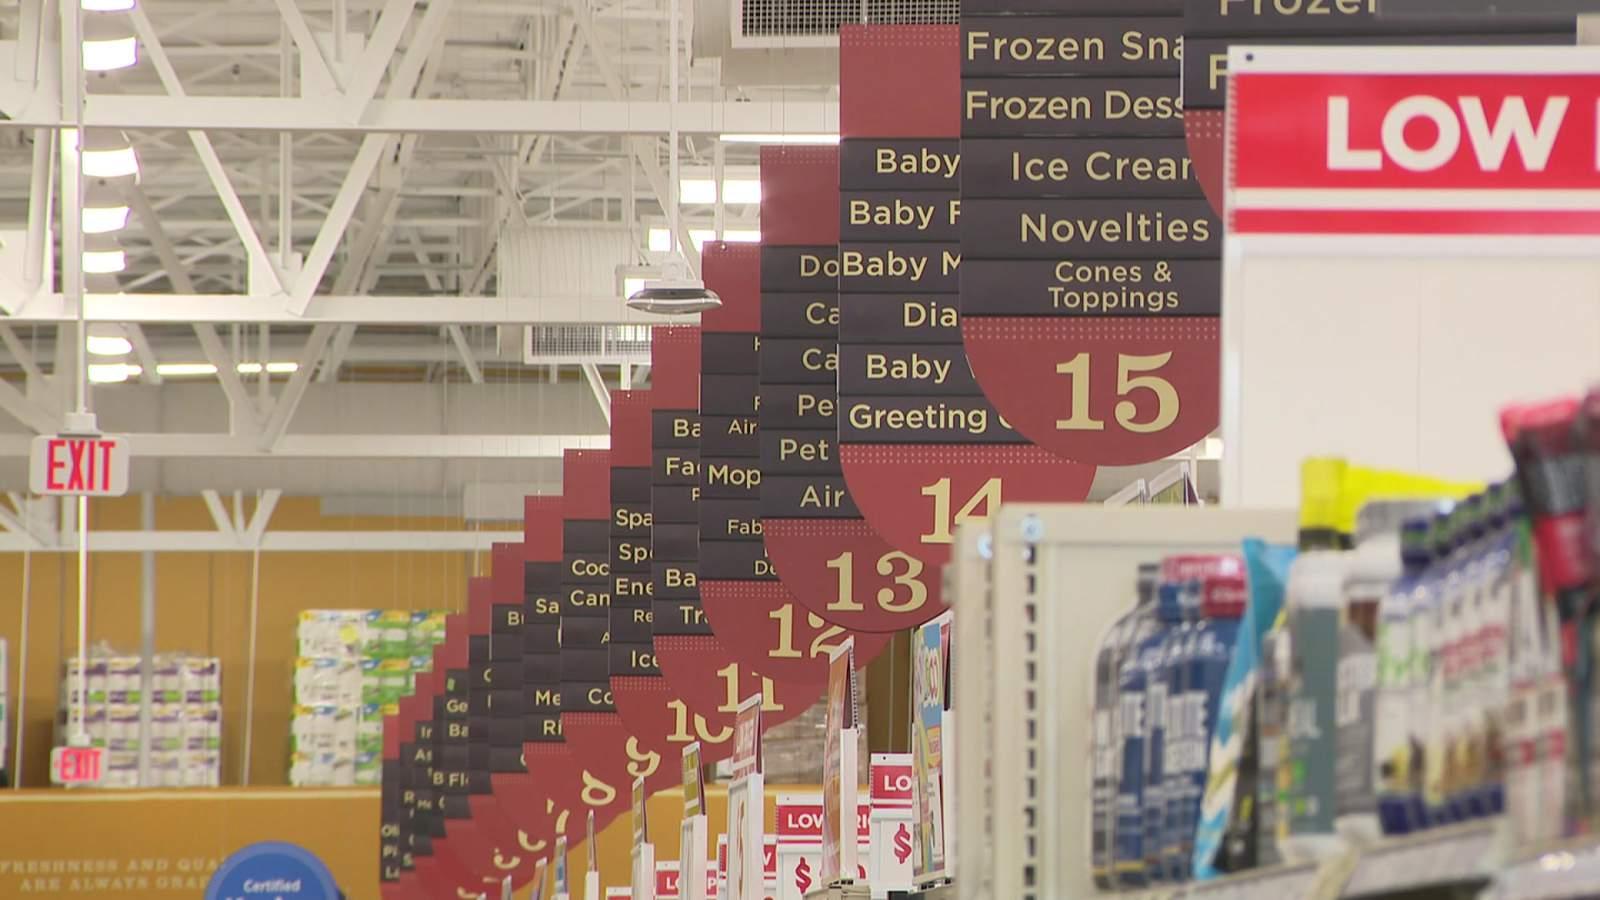 H-E-B asegura a los clientes que a pesar de los estantes vacíos, hay más productos en camino 71